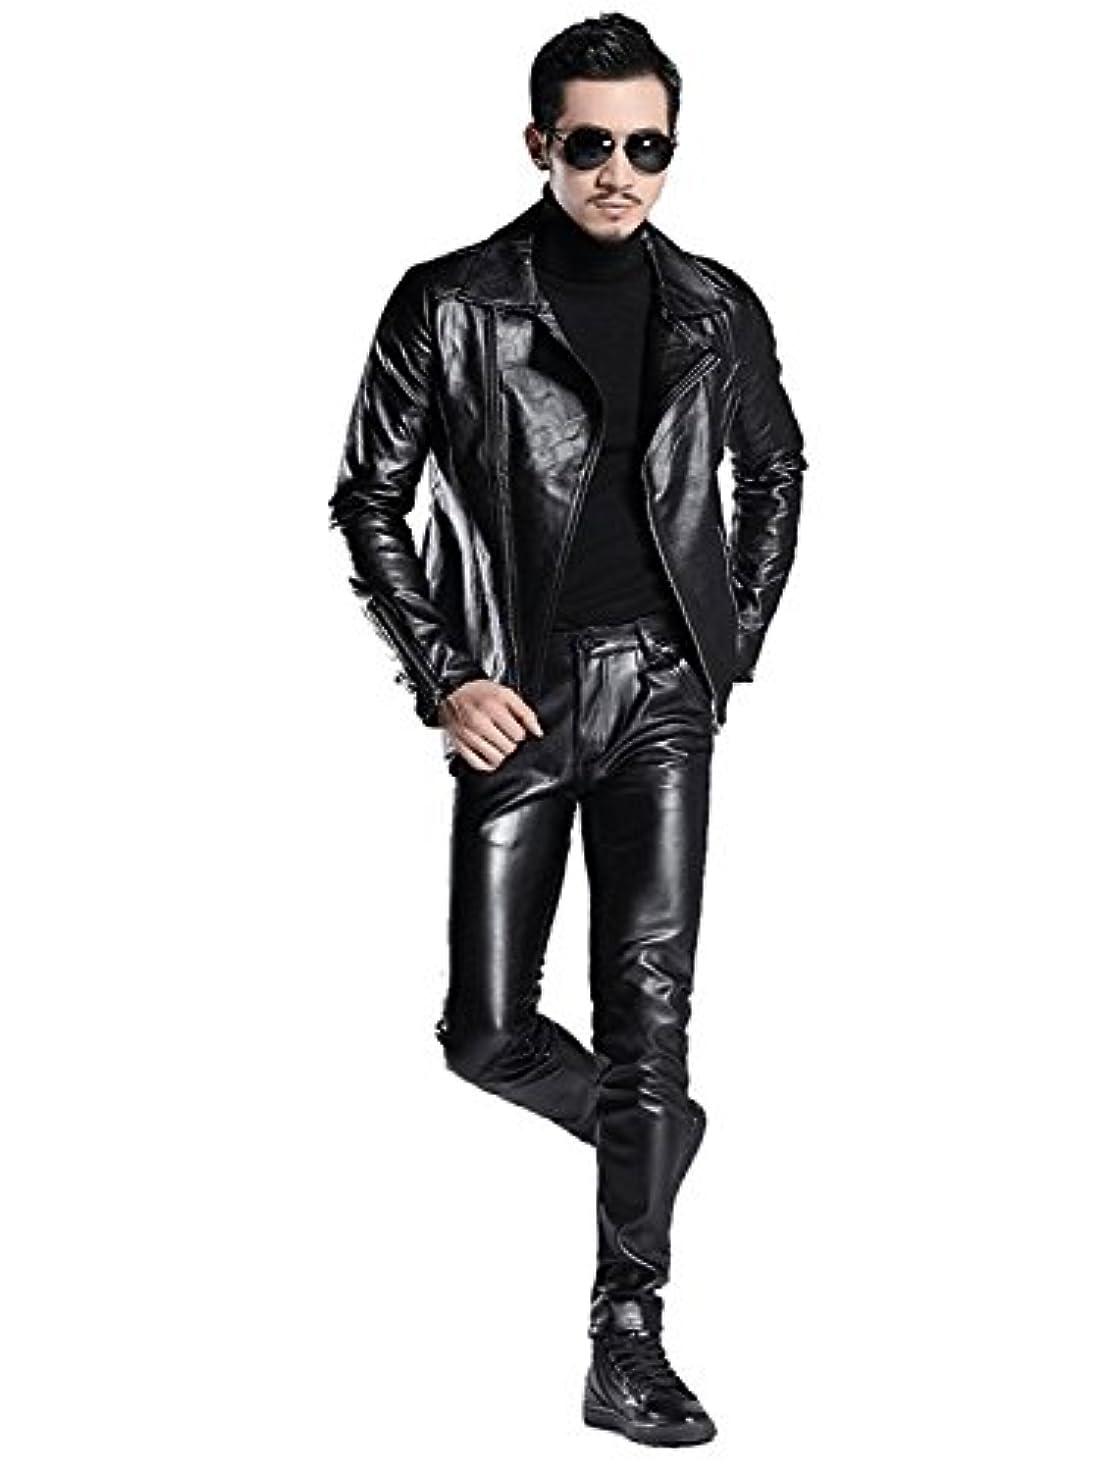 頭痛パニック破壊的レザーパンツ メンズ  バイク用 バイク パンツ ライダース フェイクレザー ロックファッション サイズ:29